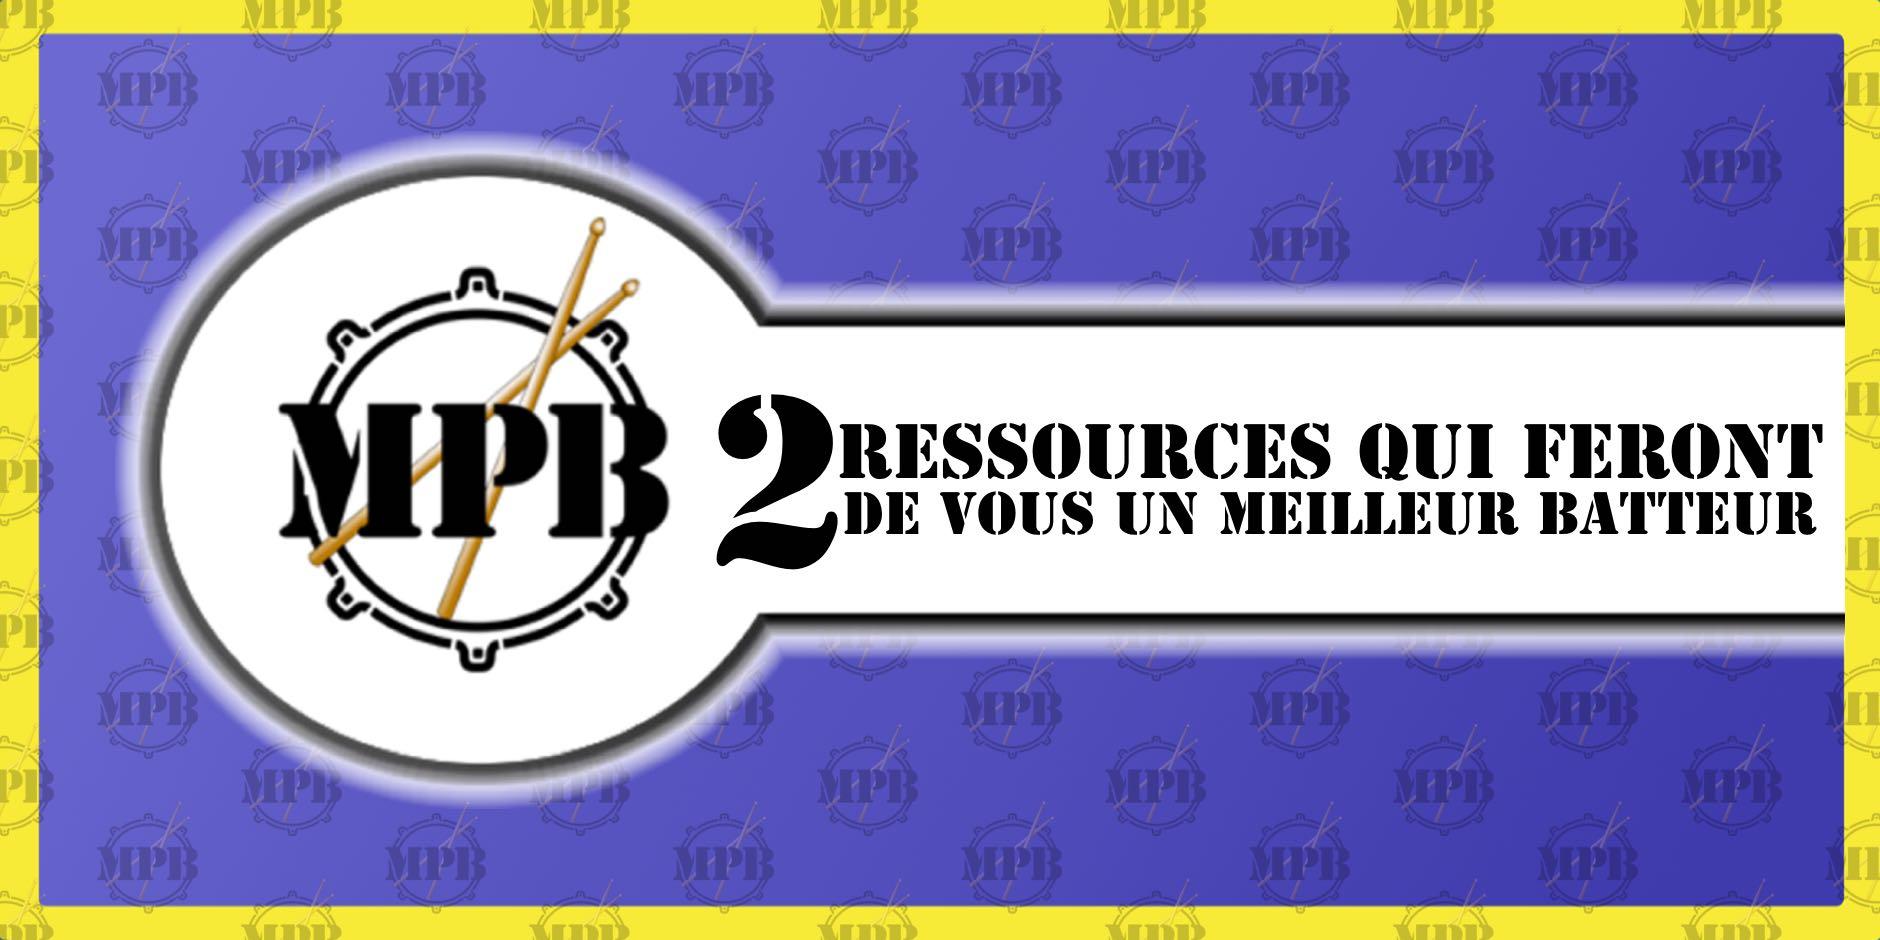 2 ressources qui feront de vous un meilleur batteur